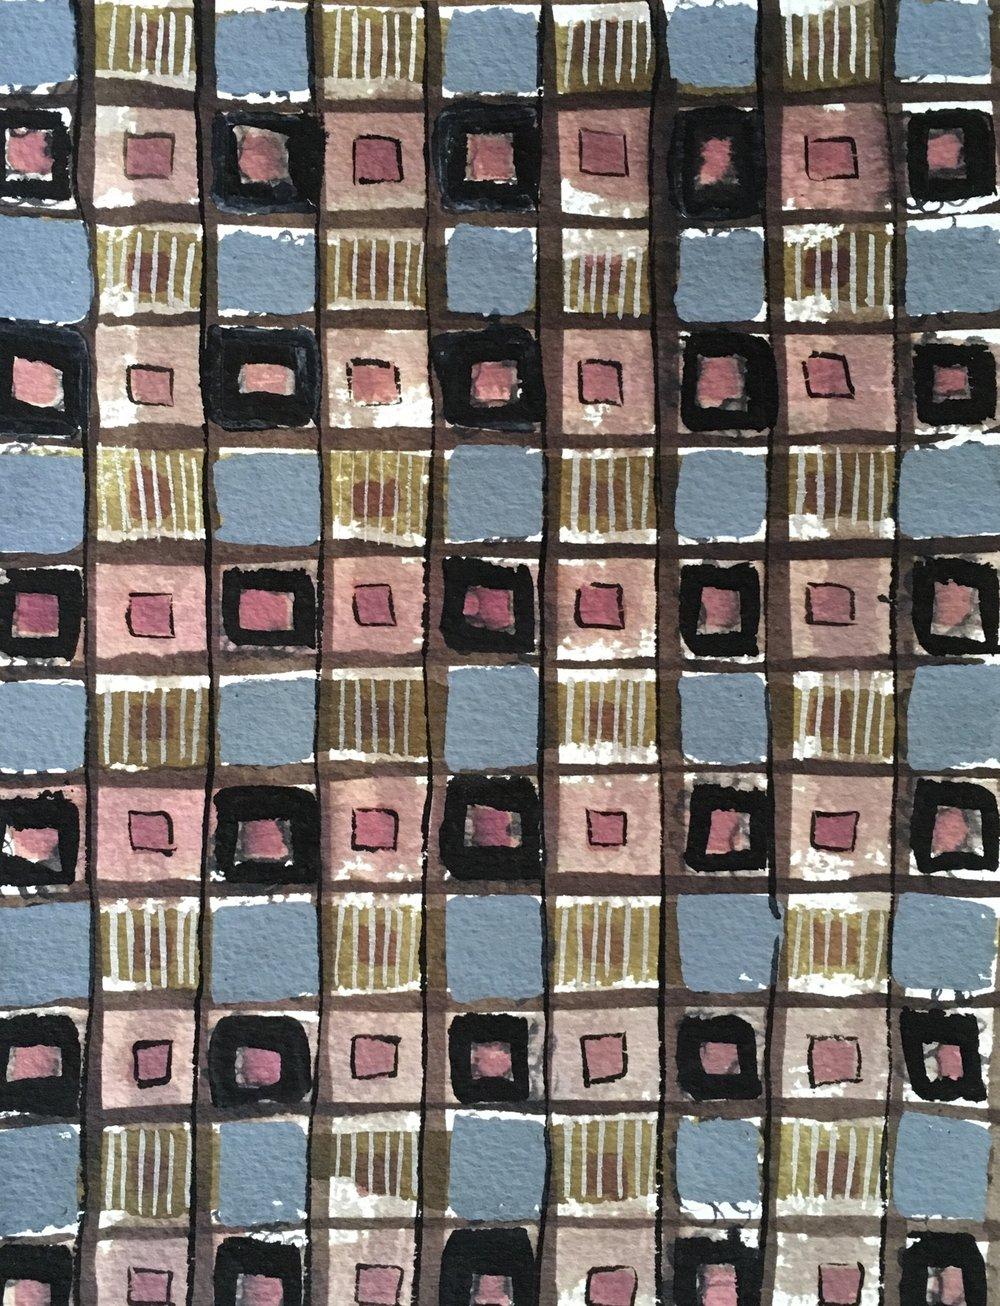 6F5CF1FD-2985-4CB2-8BF3-4D035453DEF4.jpeg